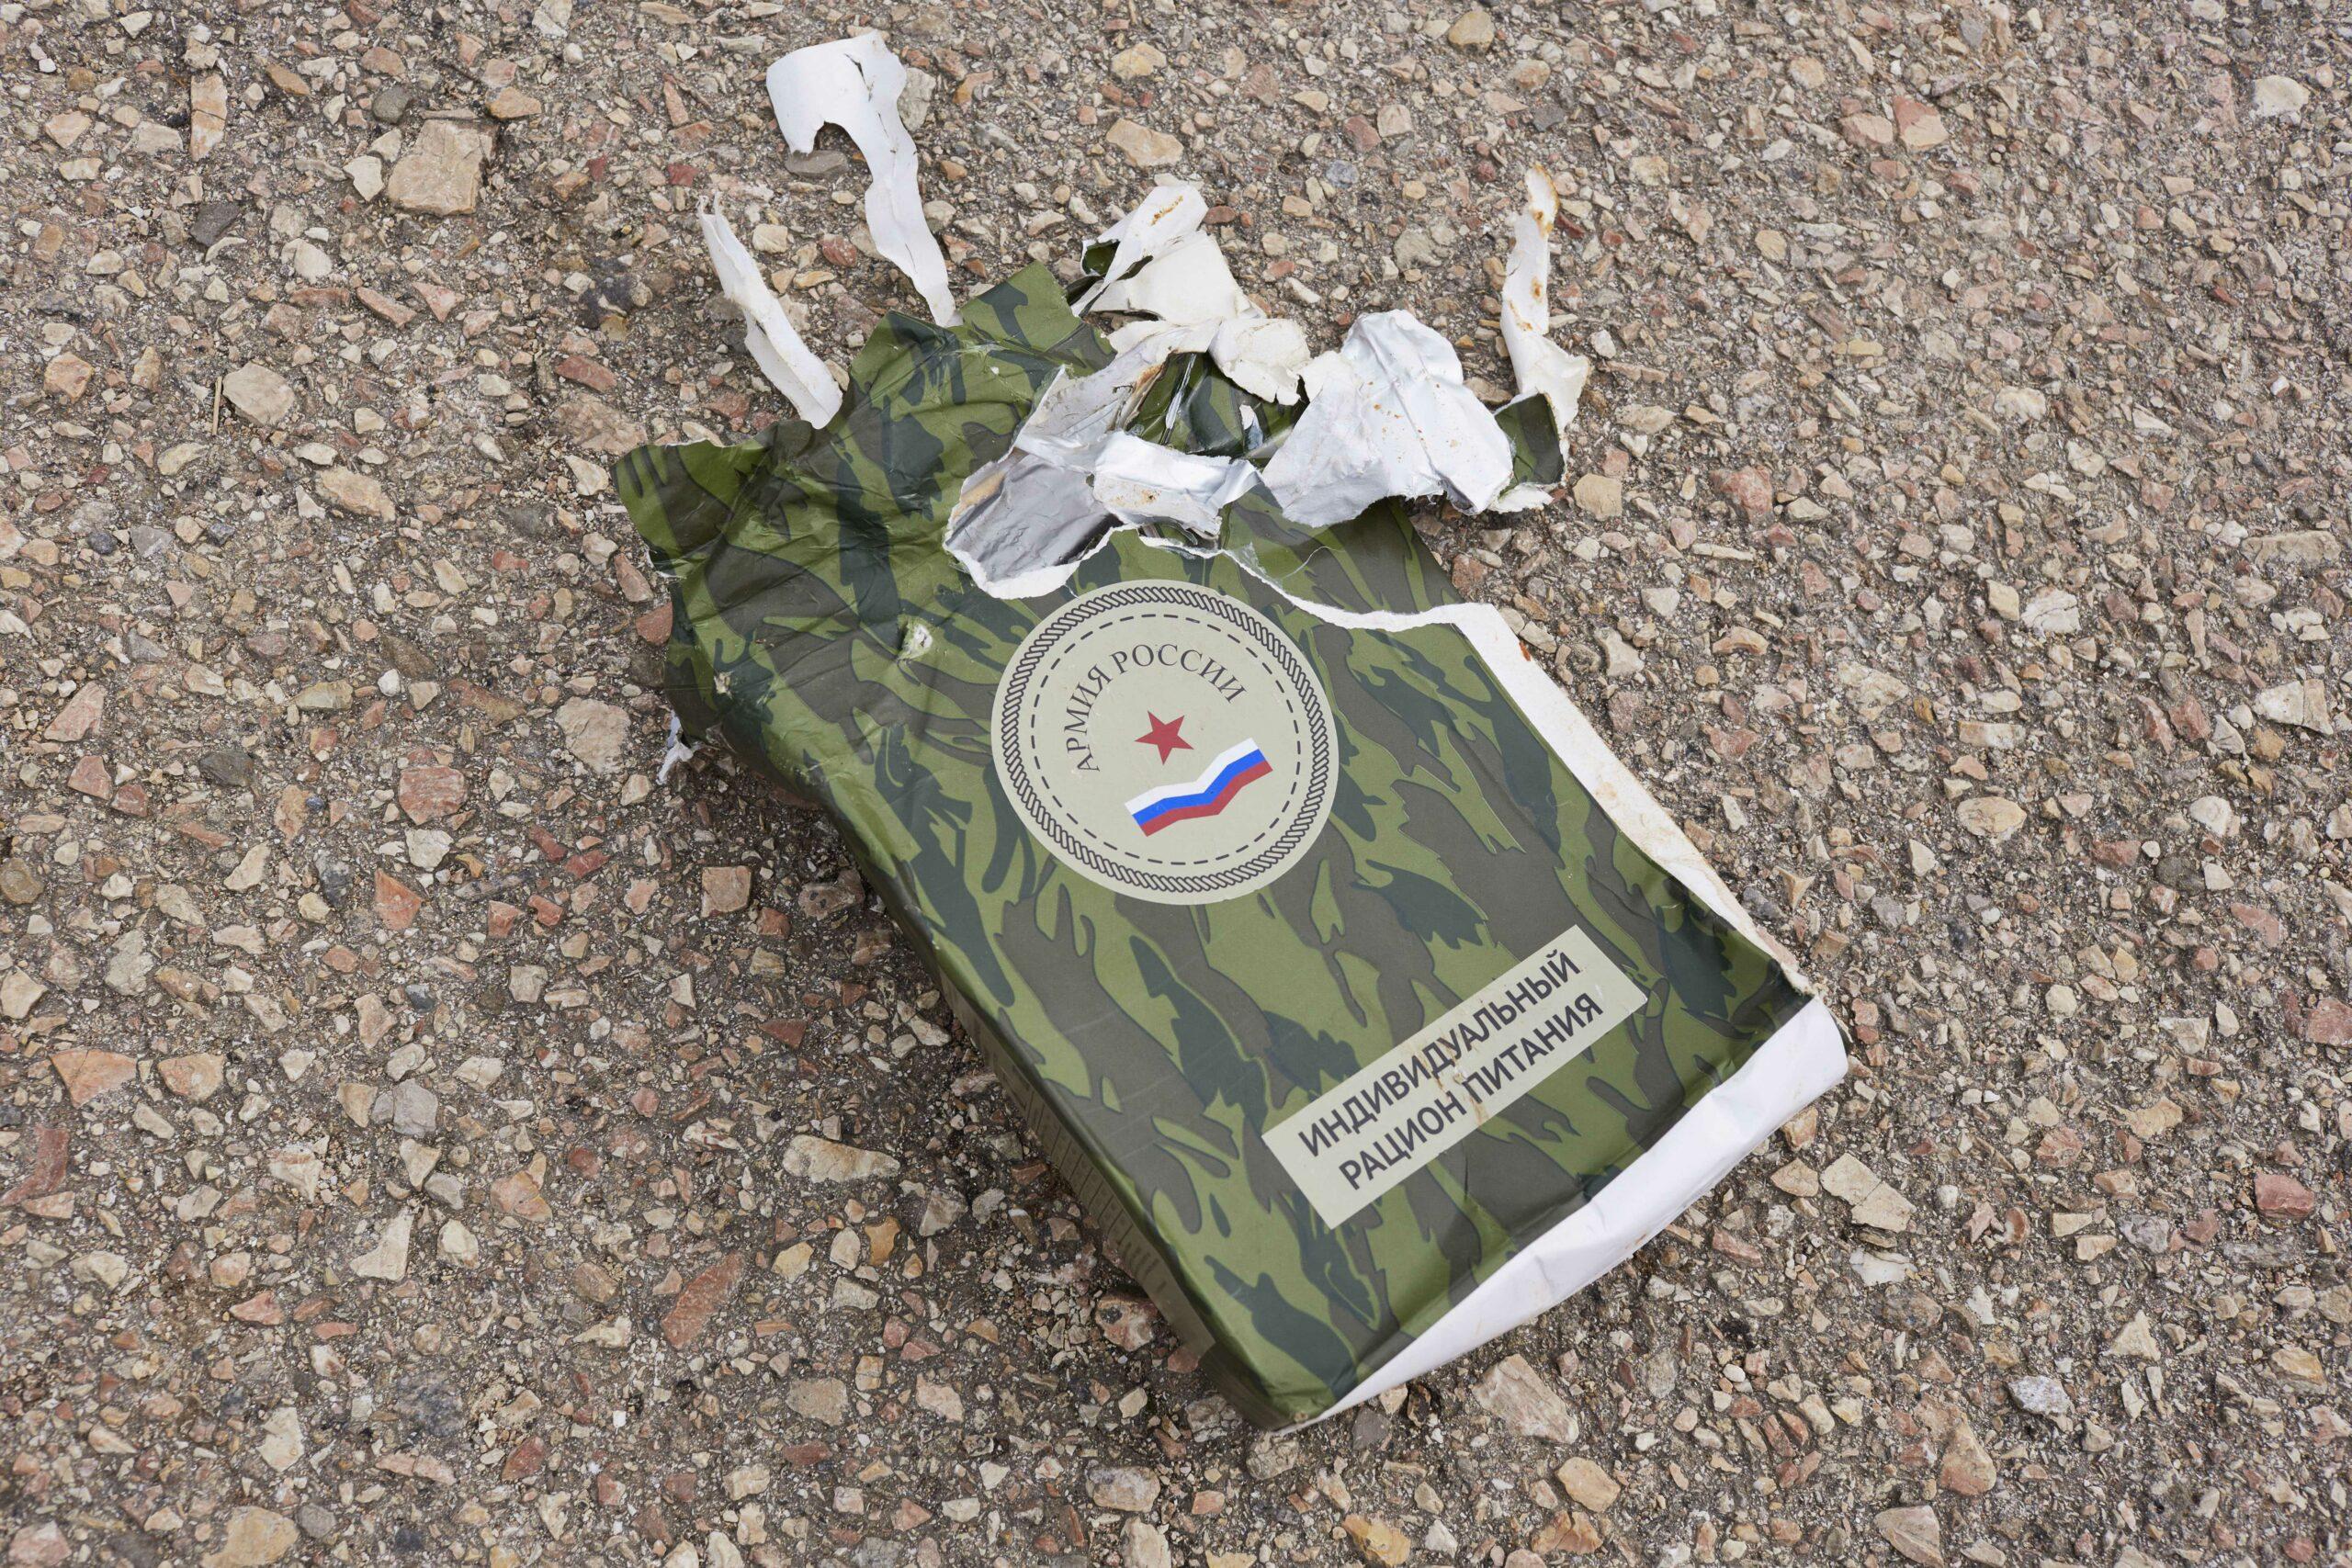 gettyimages 1207611304 scaled - <b>ООН розповіла про порушення прав людини в Криму.</b> Наступного дня ФСБ затримала кримських татар - Заборона